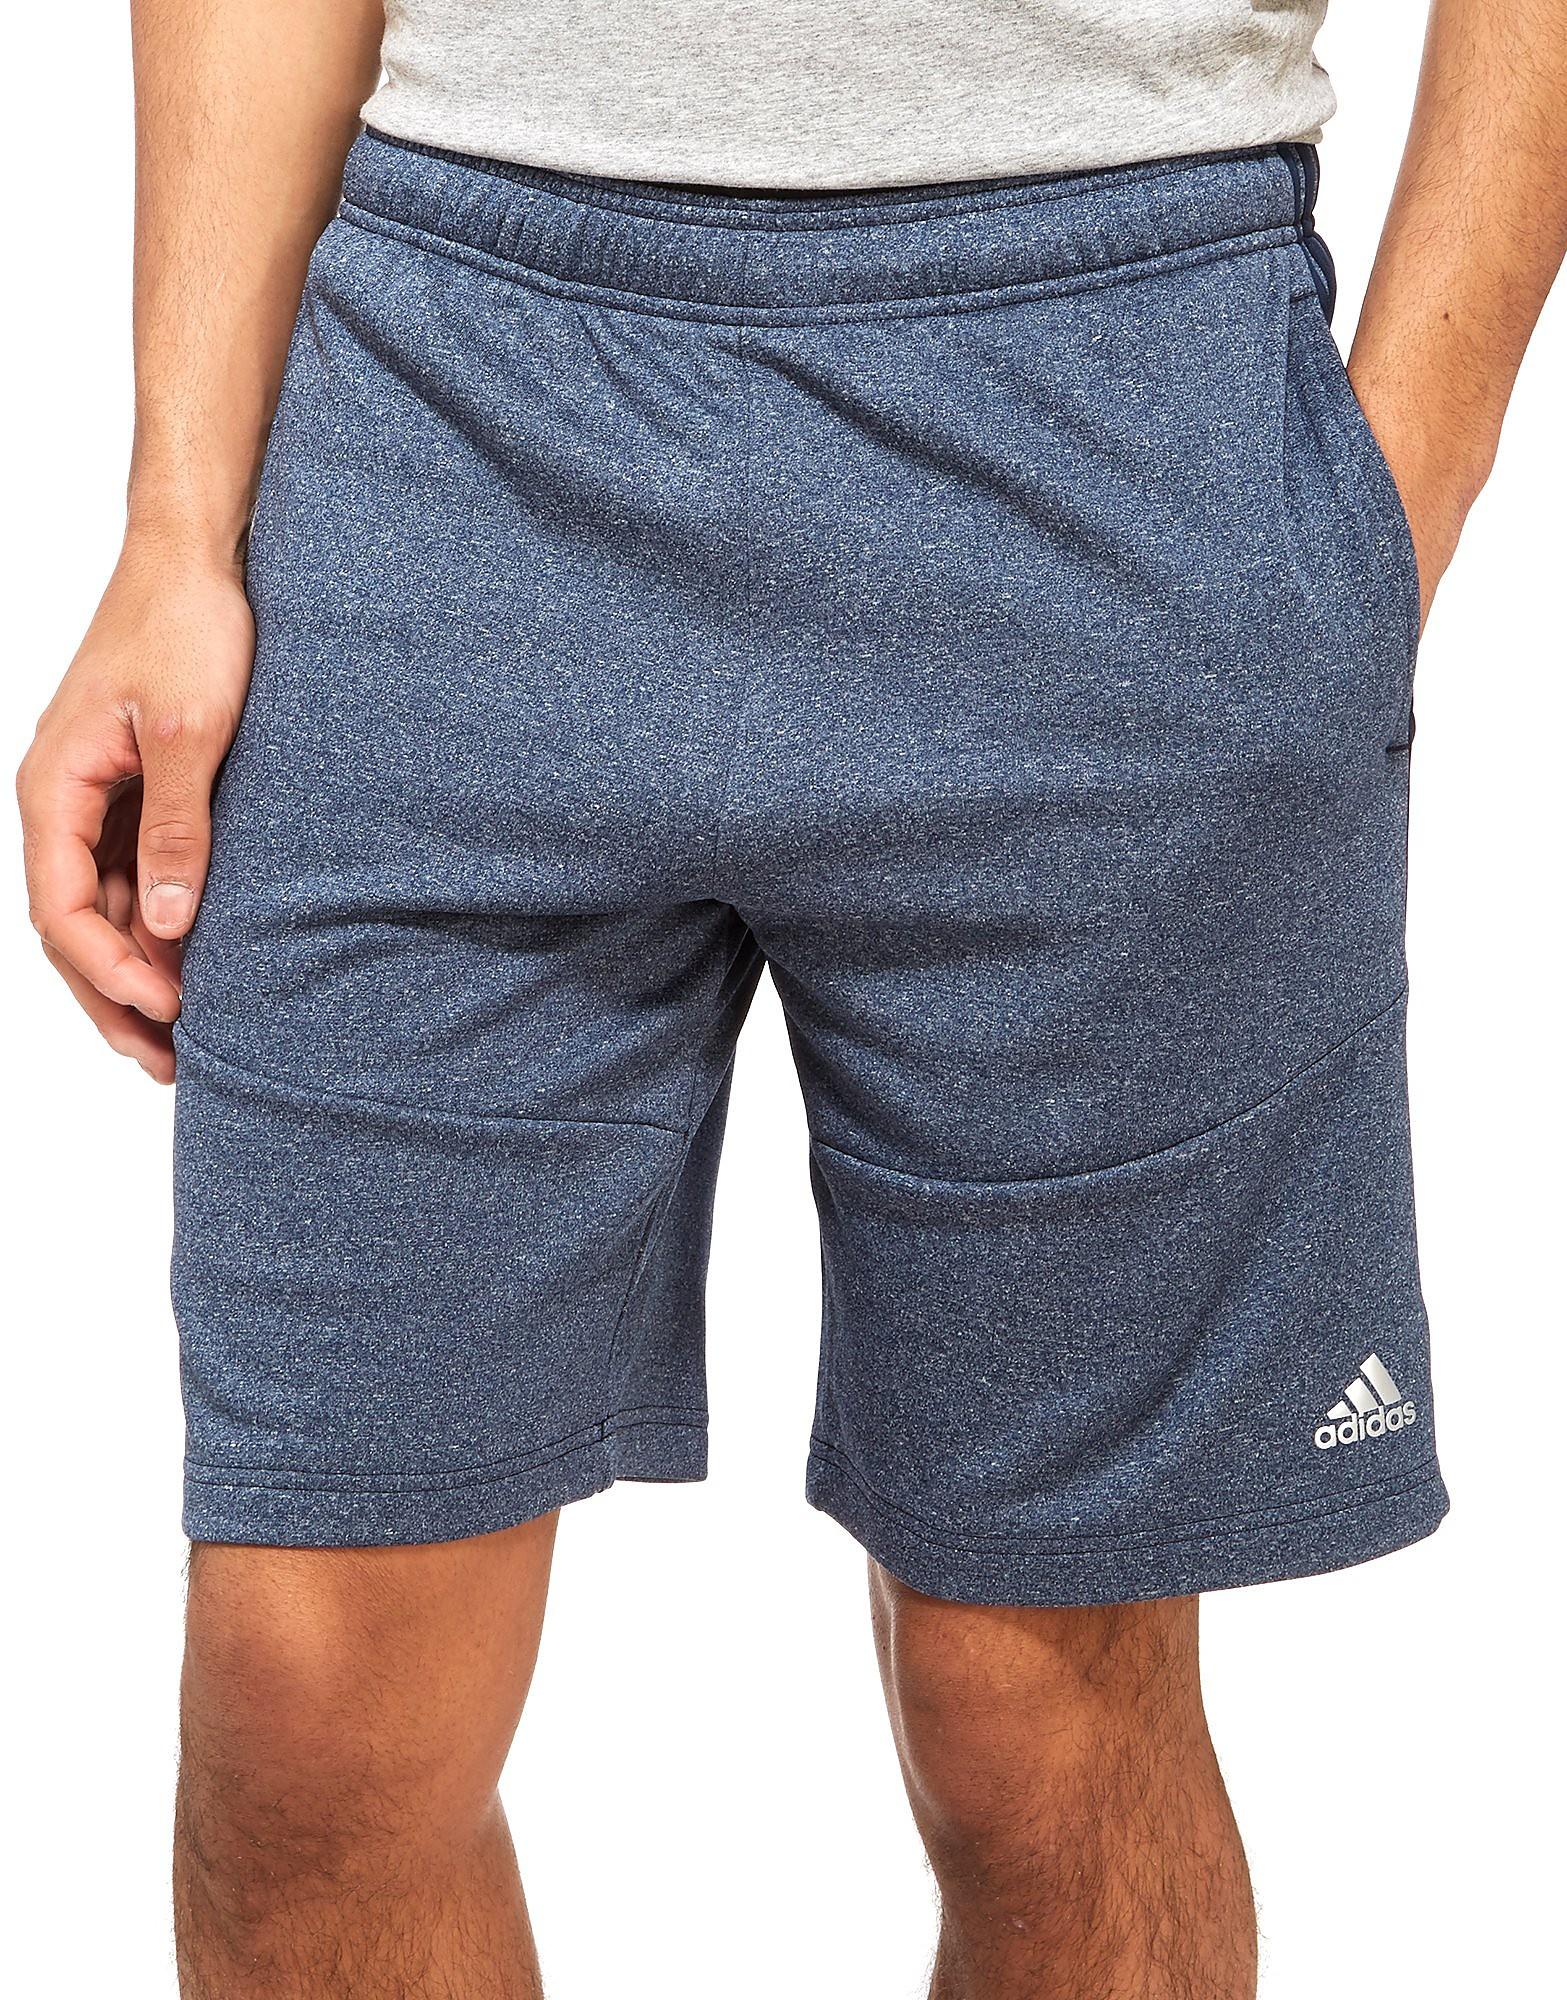 adidas Reflex Poly Shorts